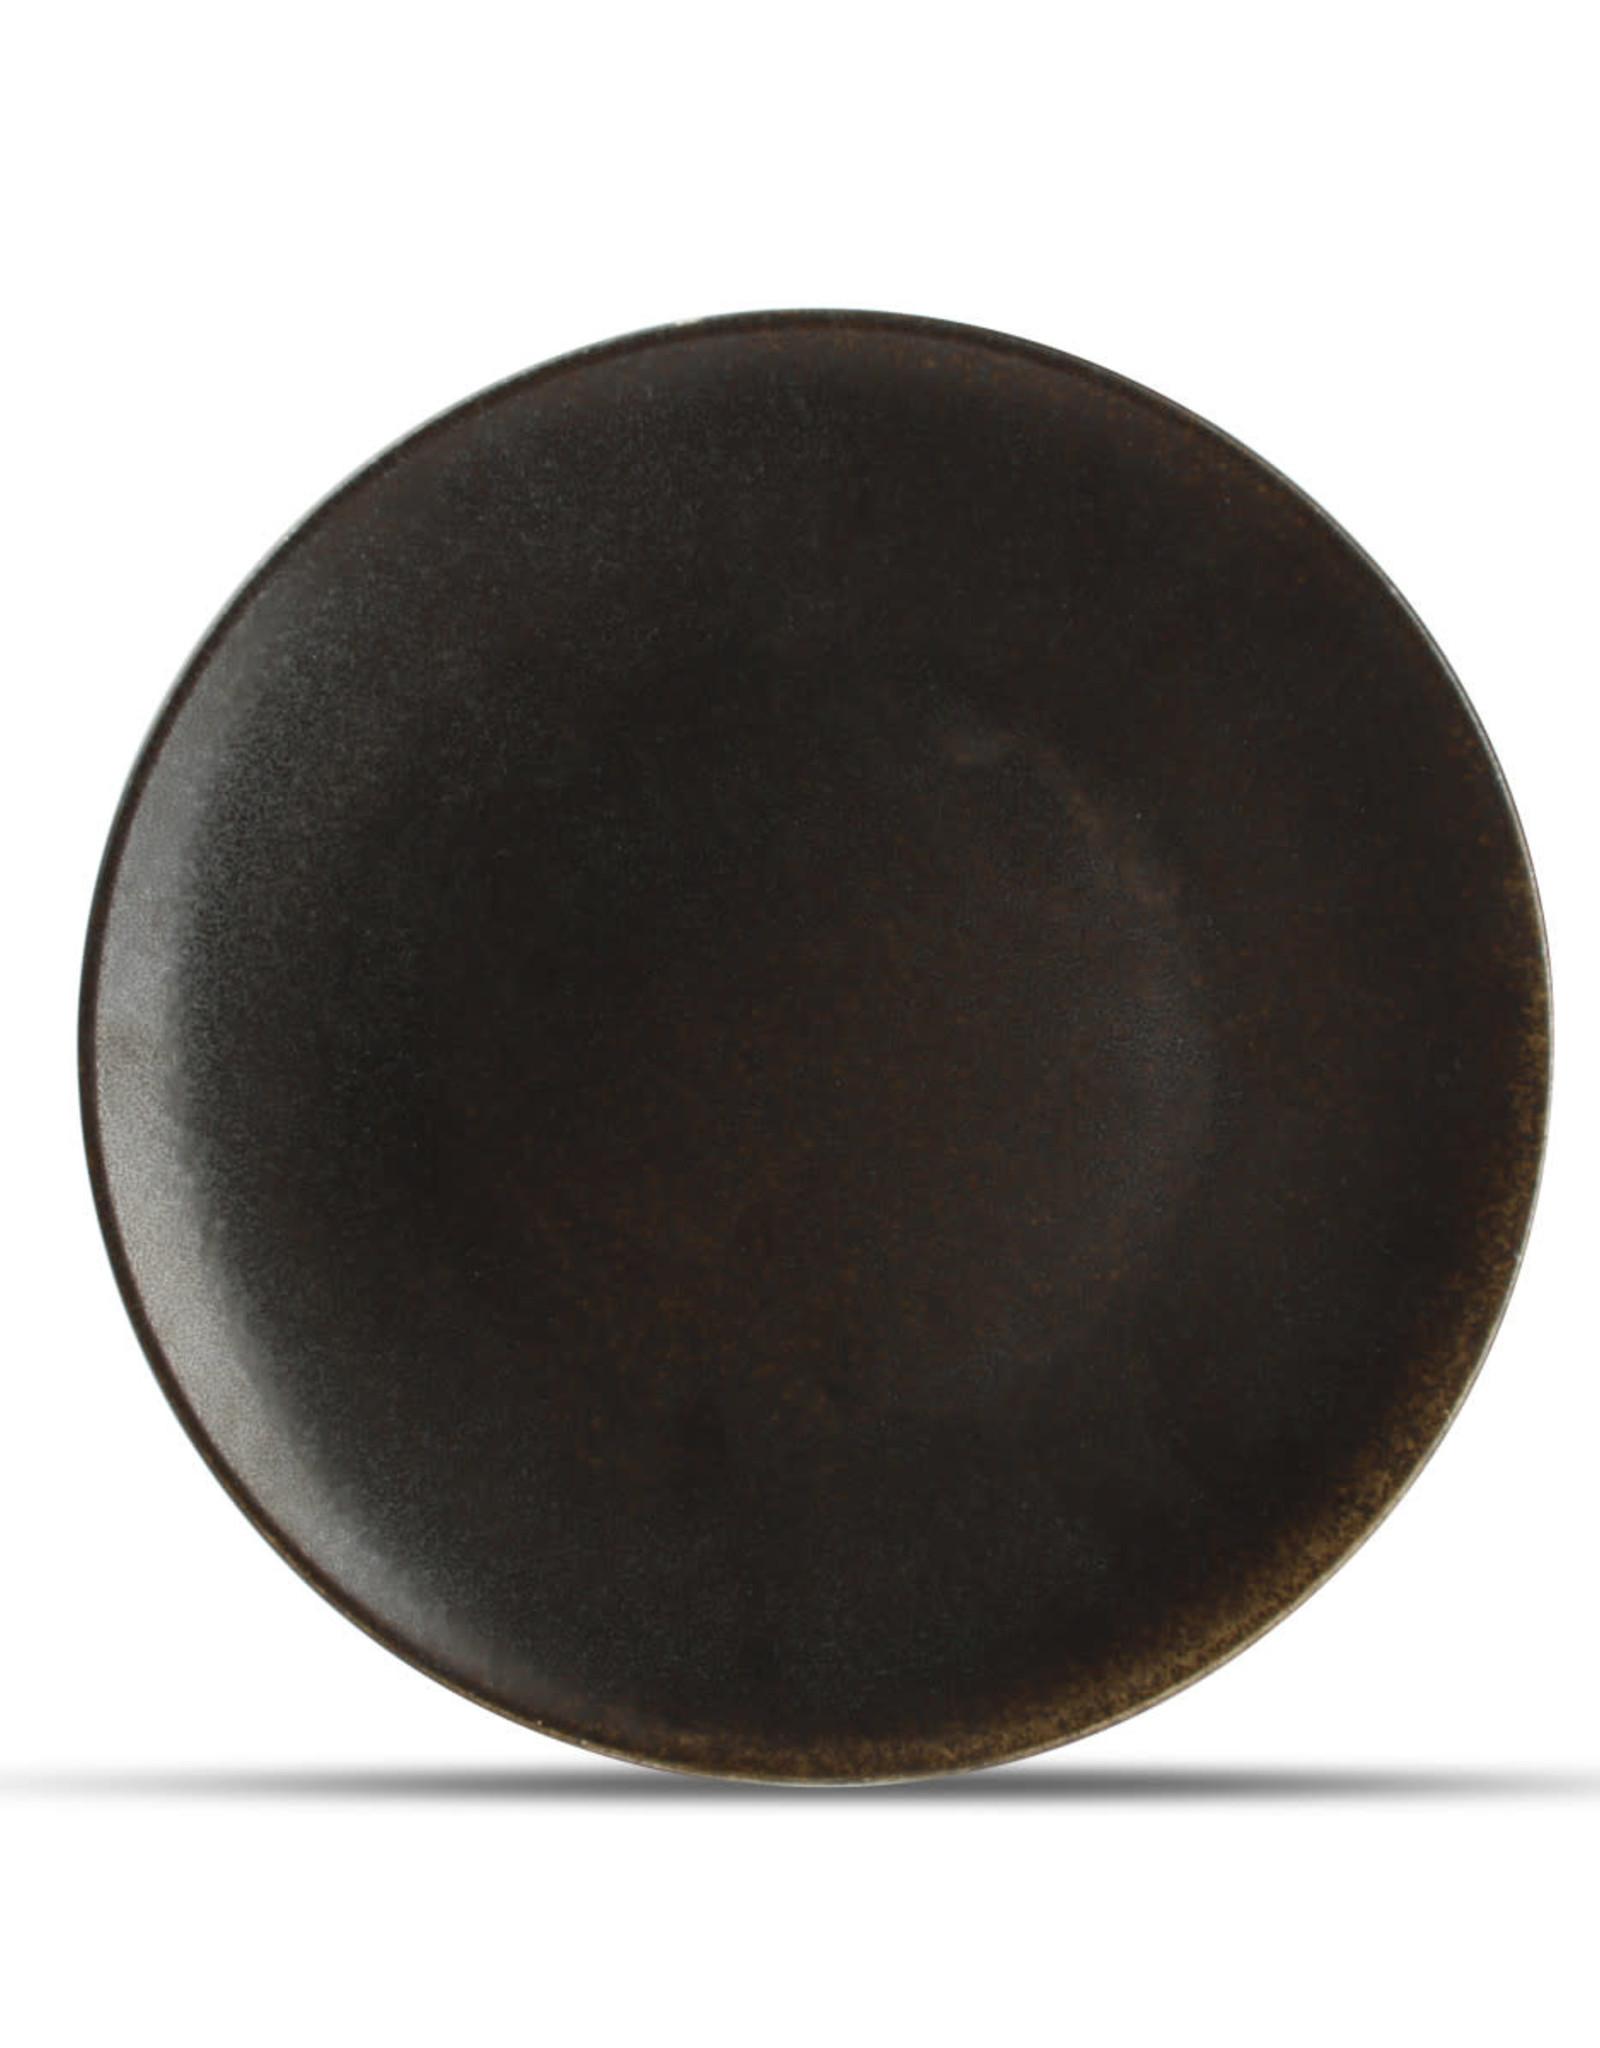 Bord Ø 27 cm - Charcoal ash